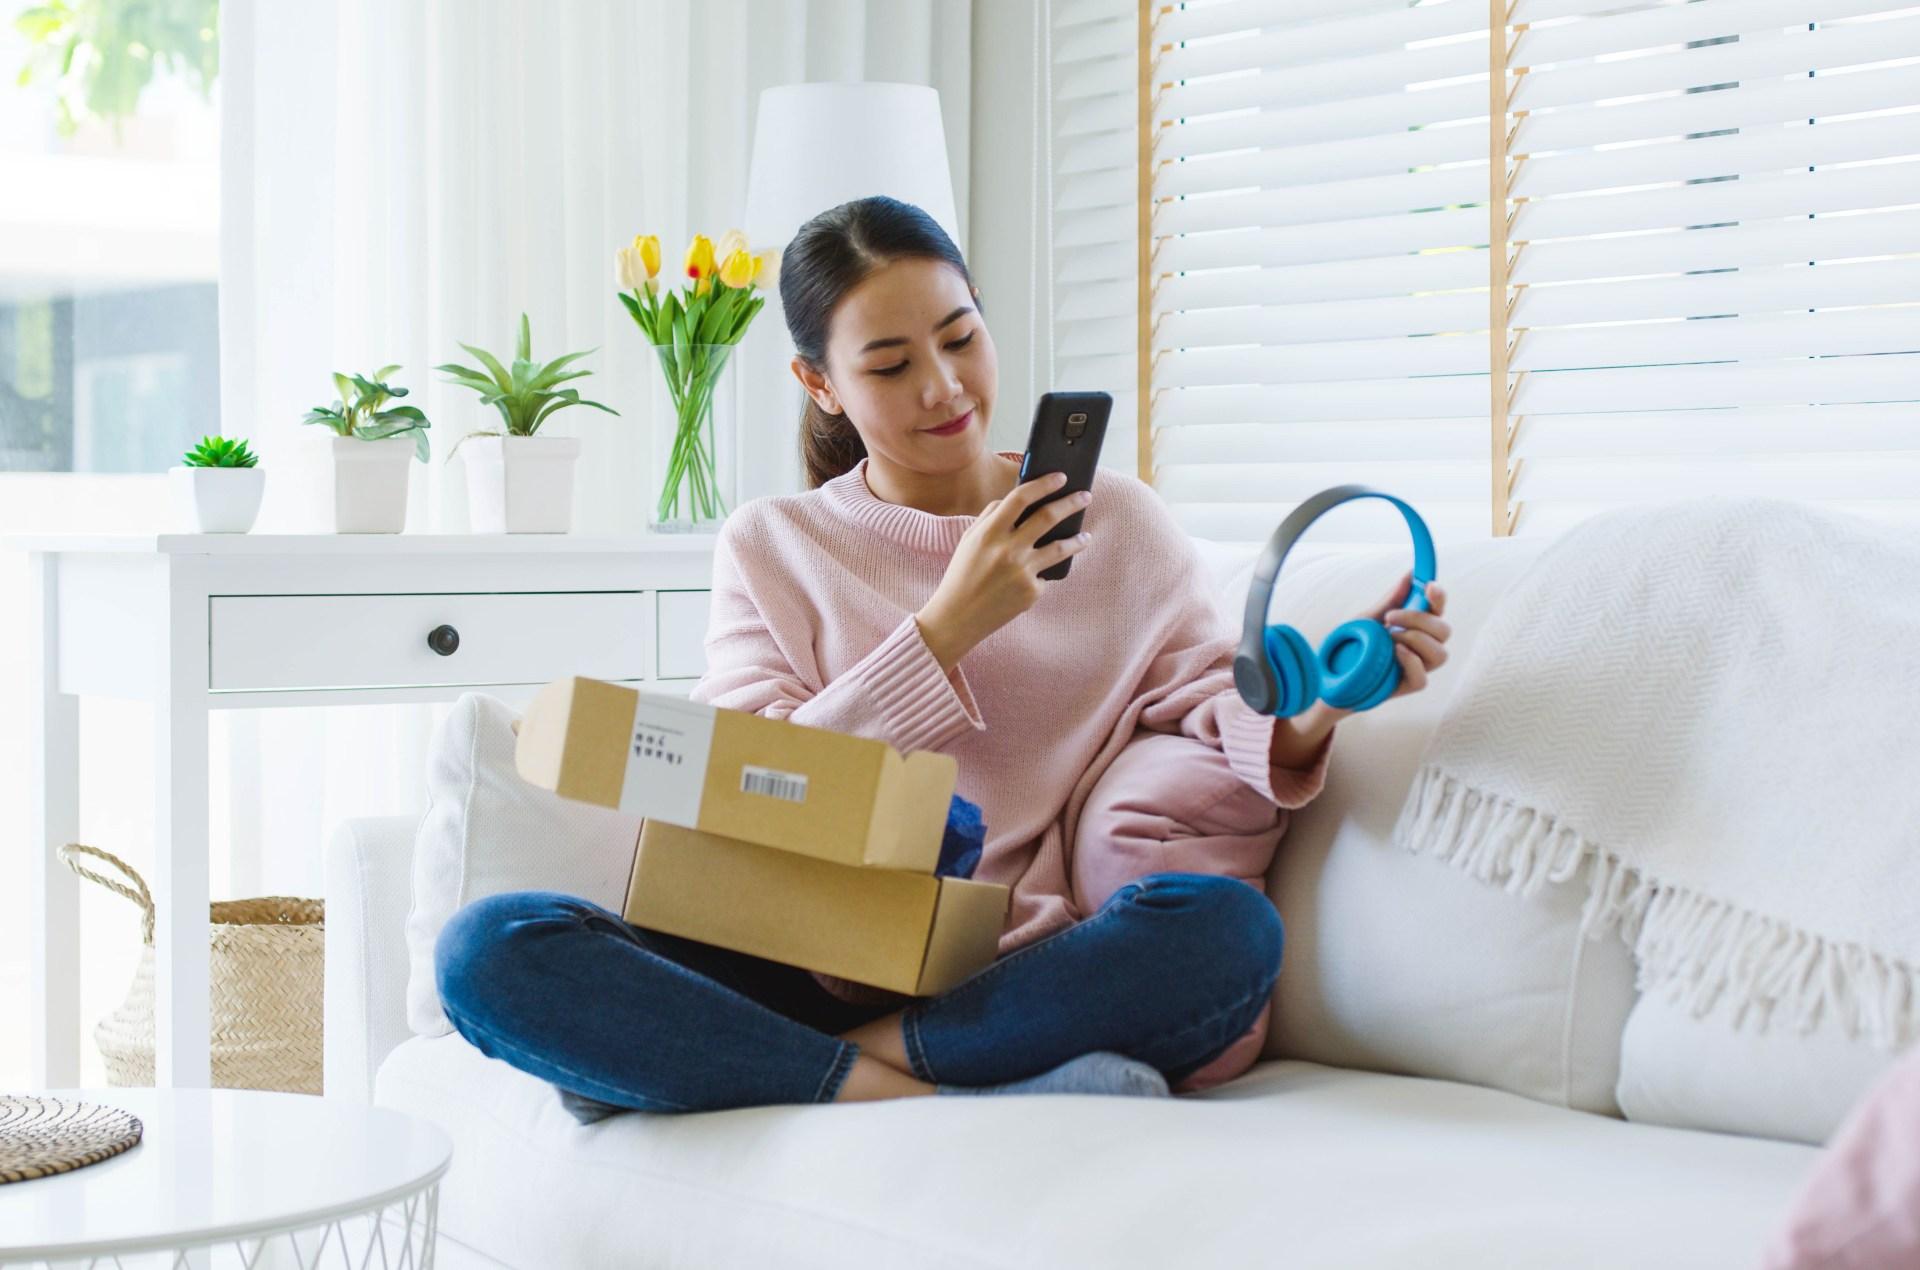 Teen girl opening package